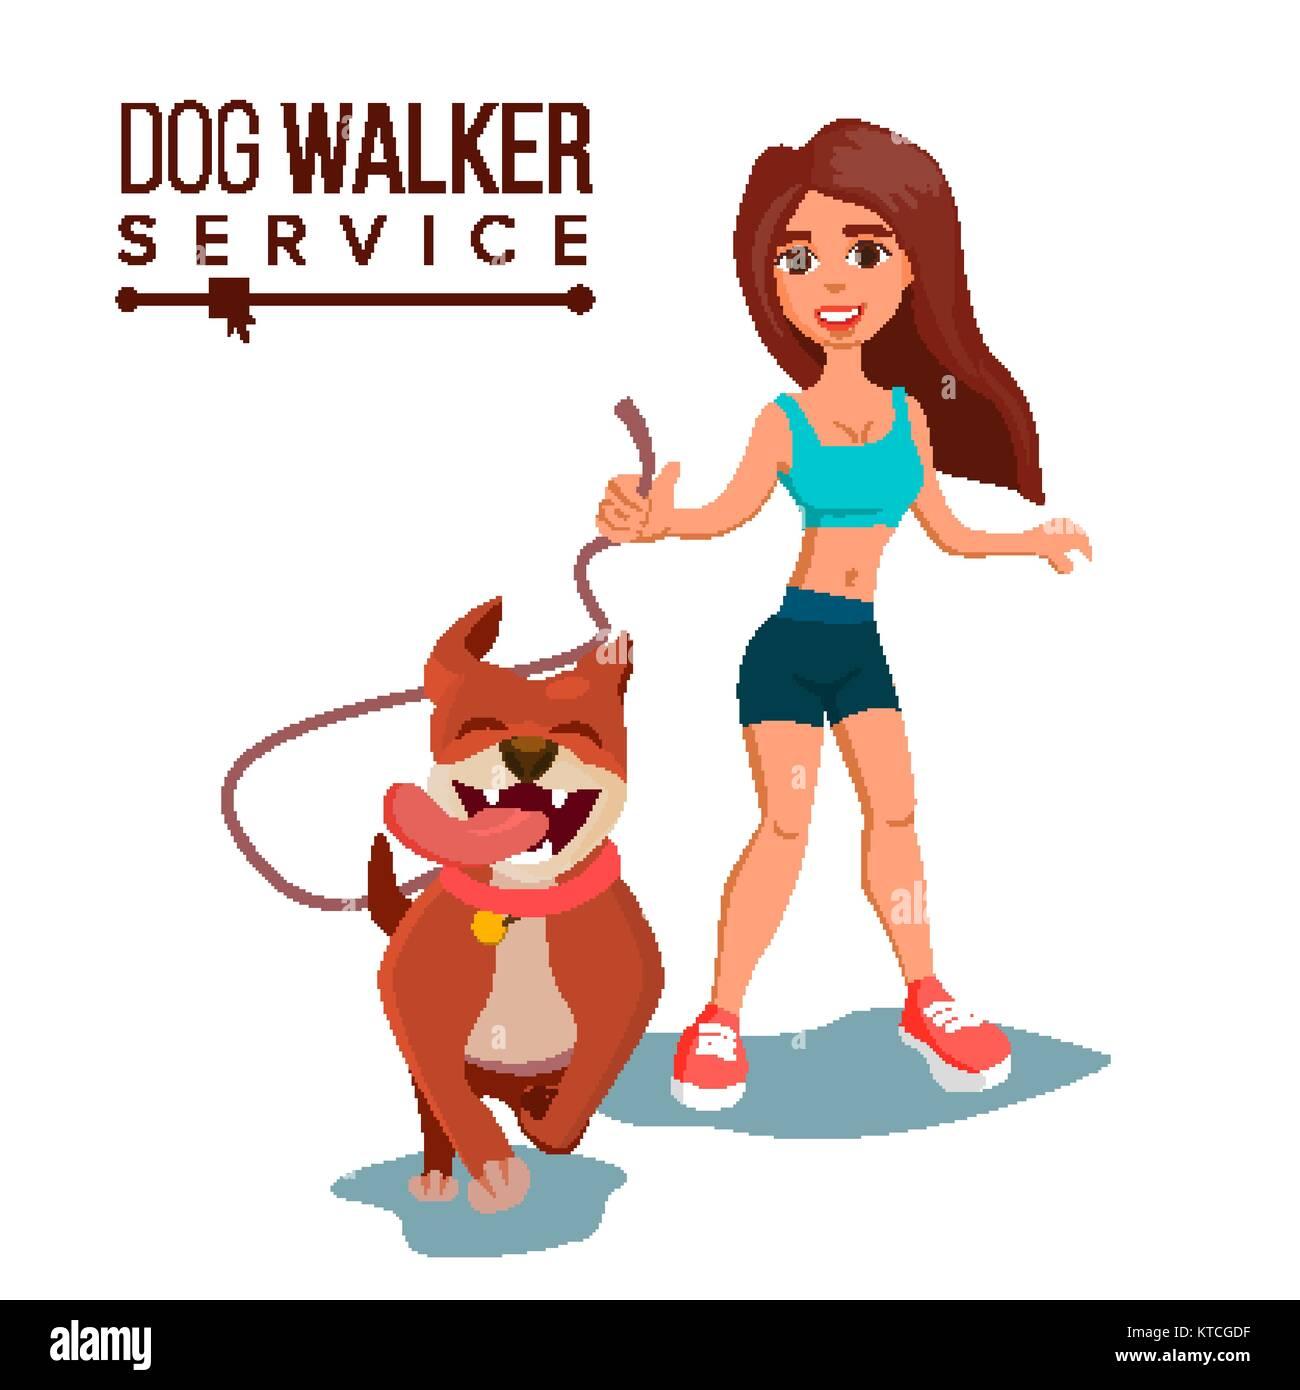 East Village Dog Walker